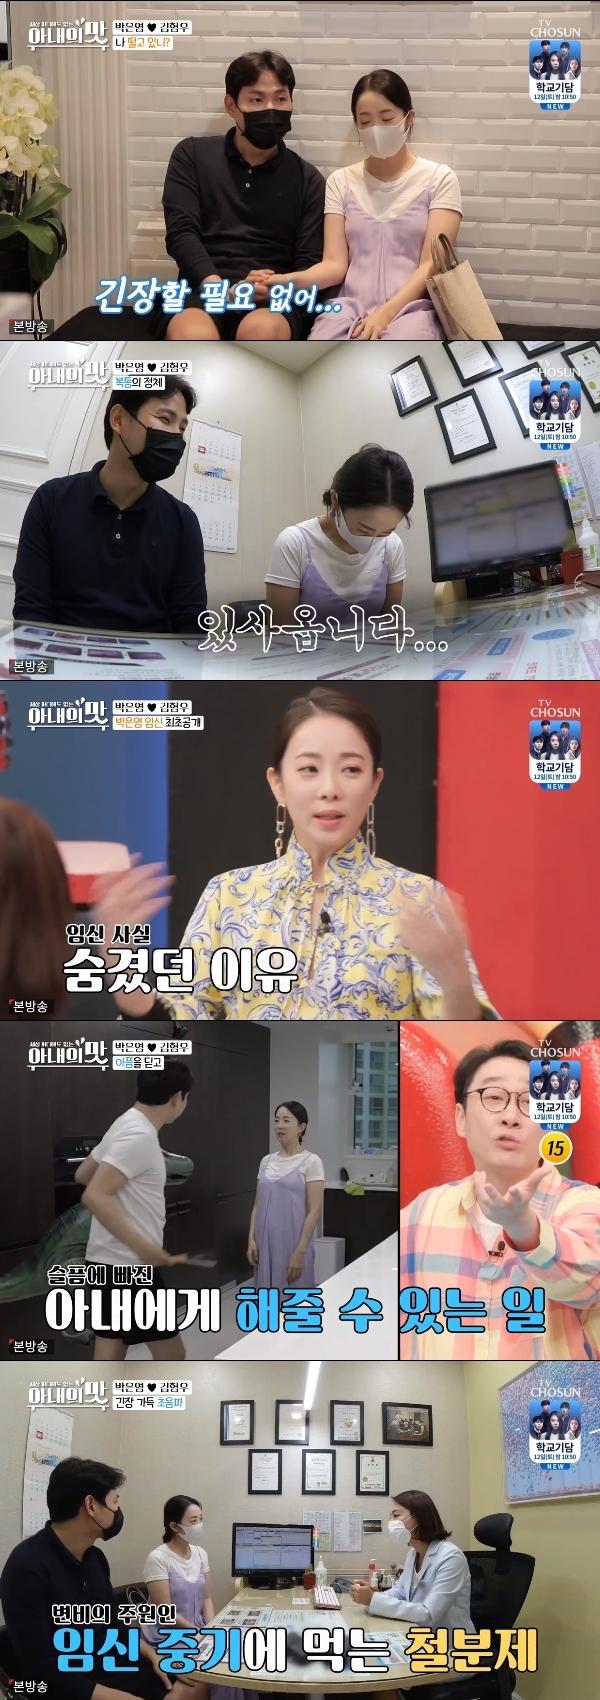 아내의 맛 박은영 김형우 / 사진=TV조선 아내의 맛